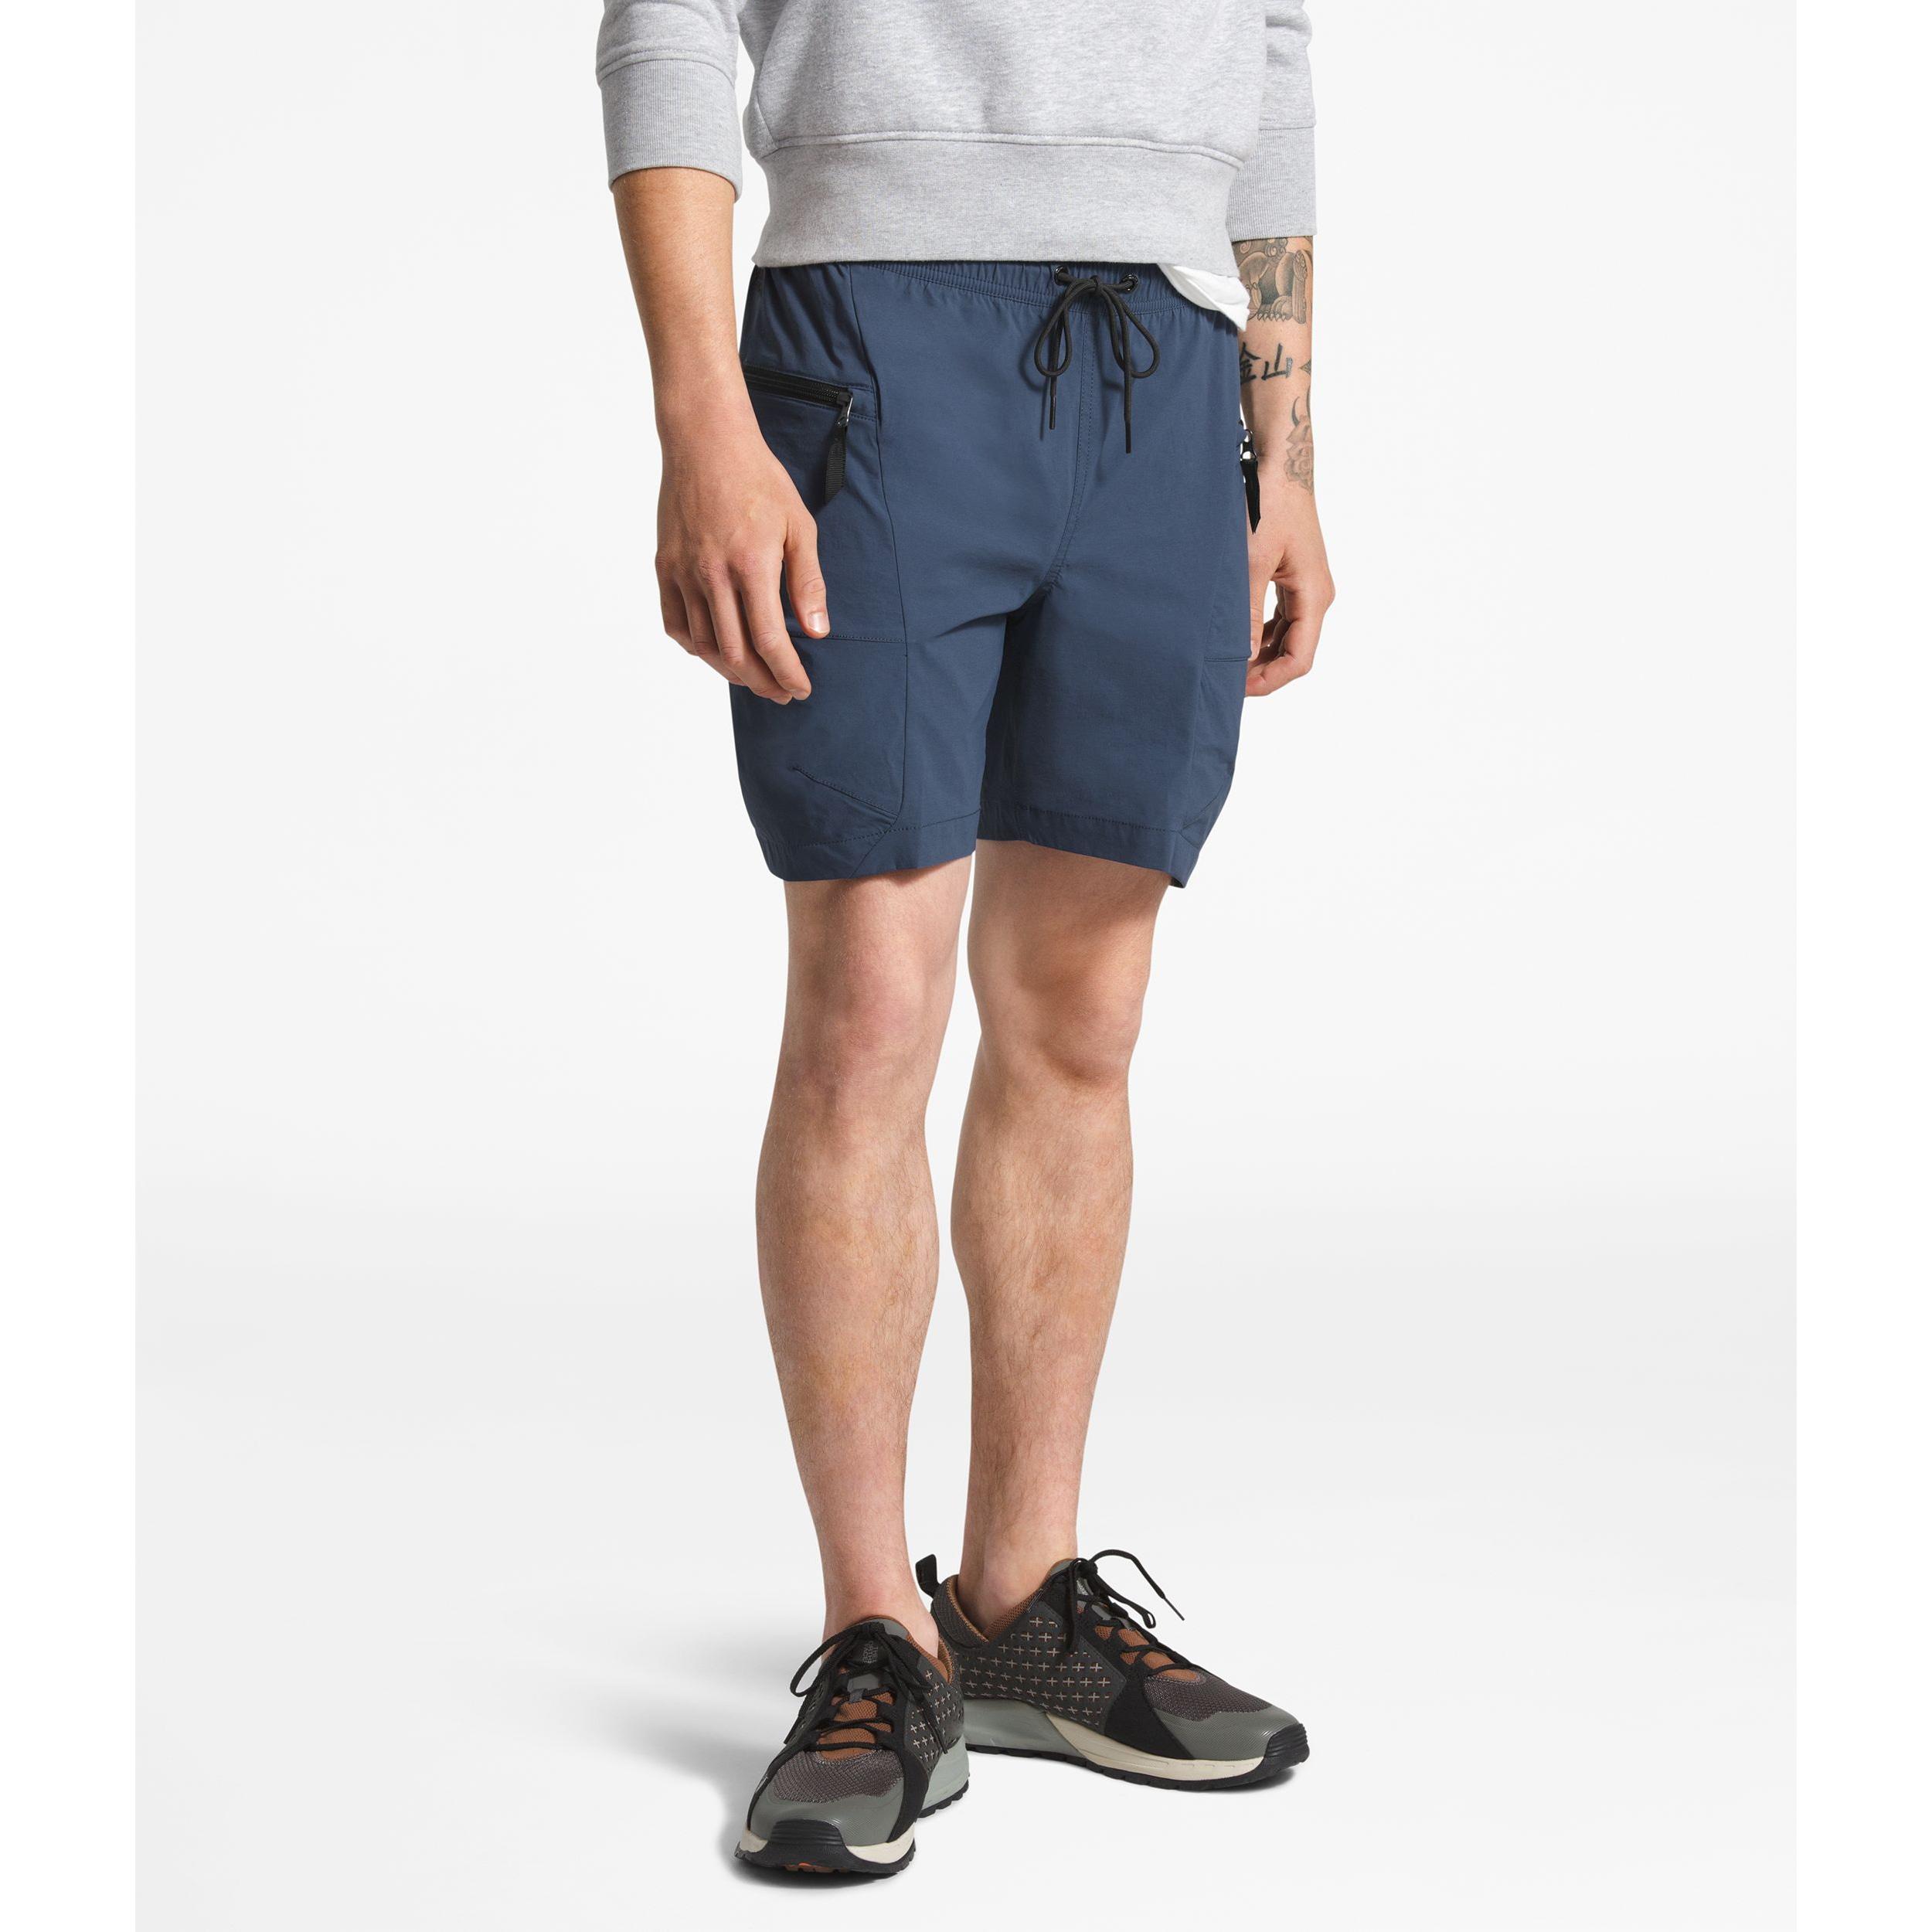 Temescal Cargo Short - Men's